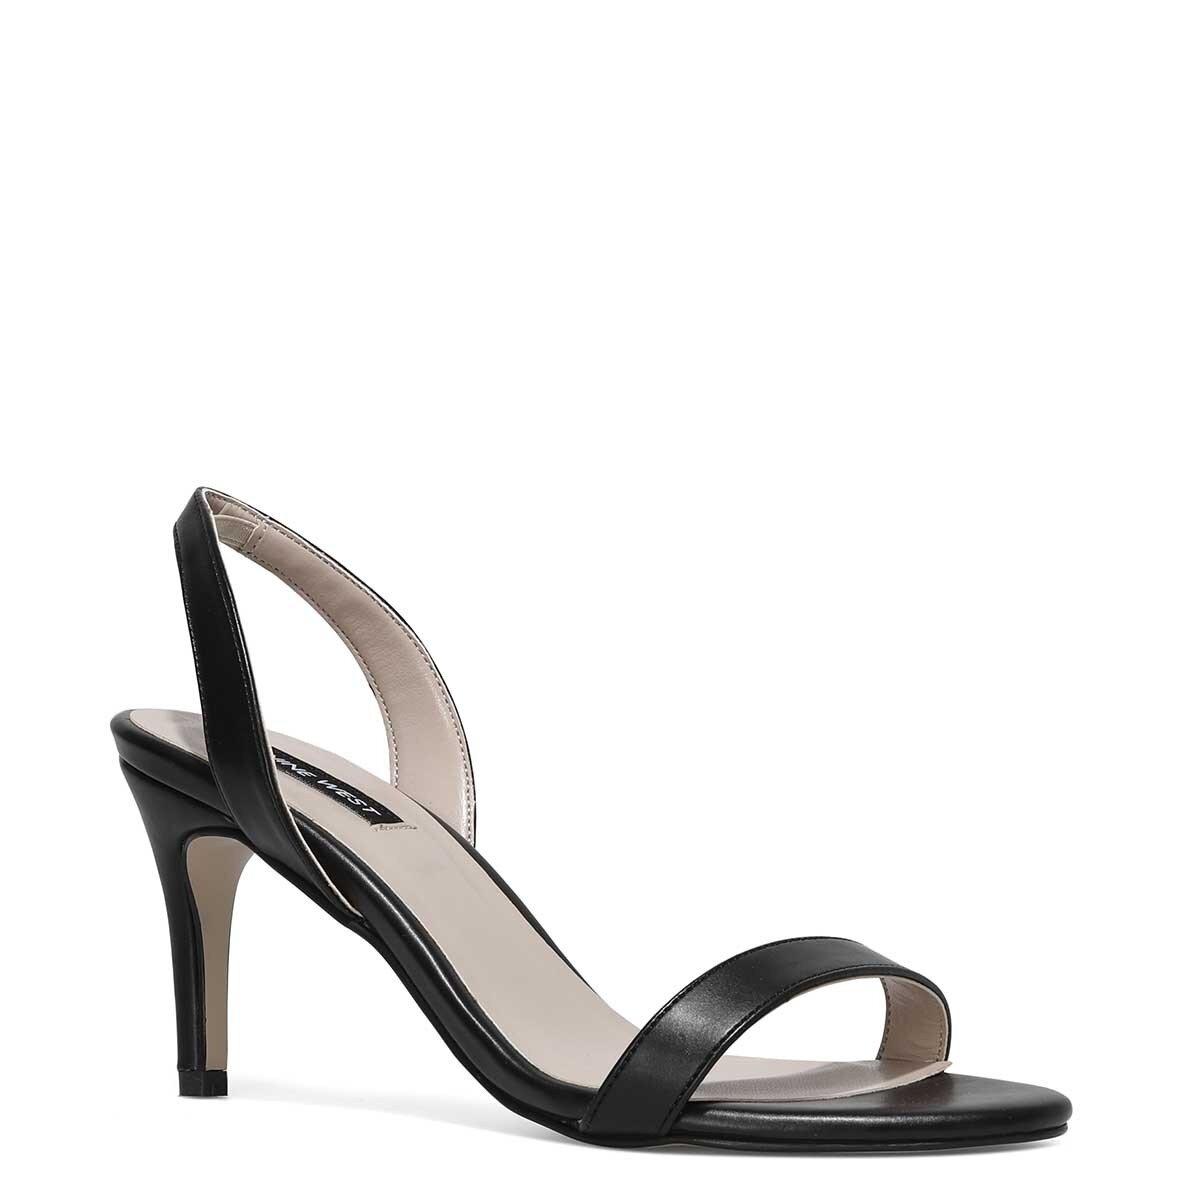 PUNAMI 1FX Siyah Kadın Topuklu Sandalet